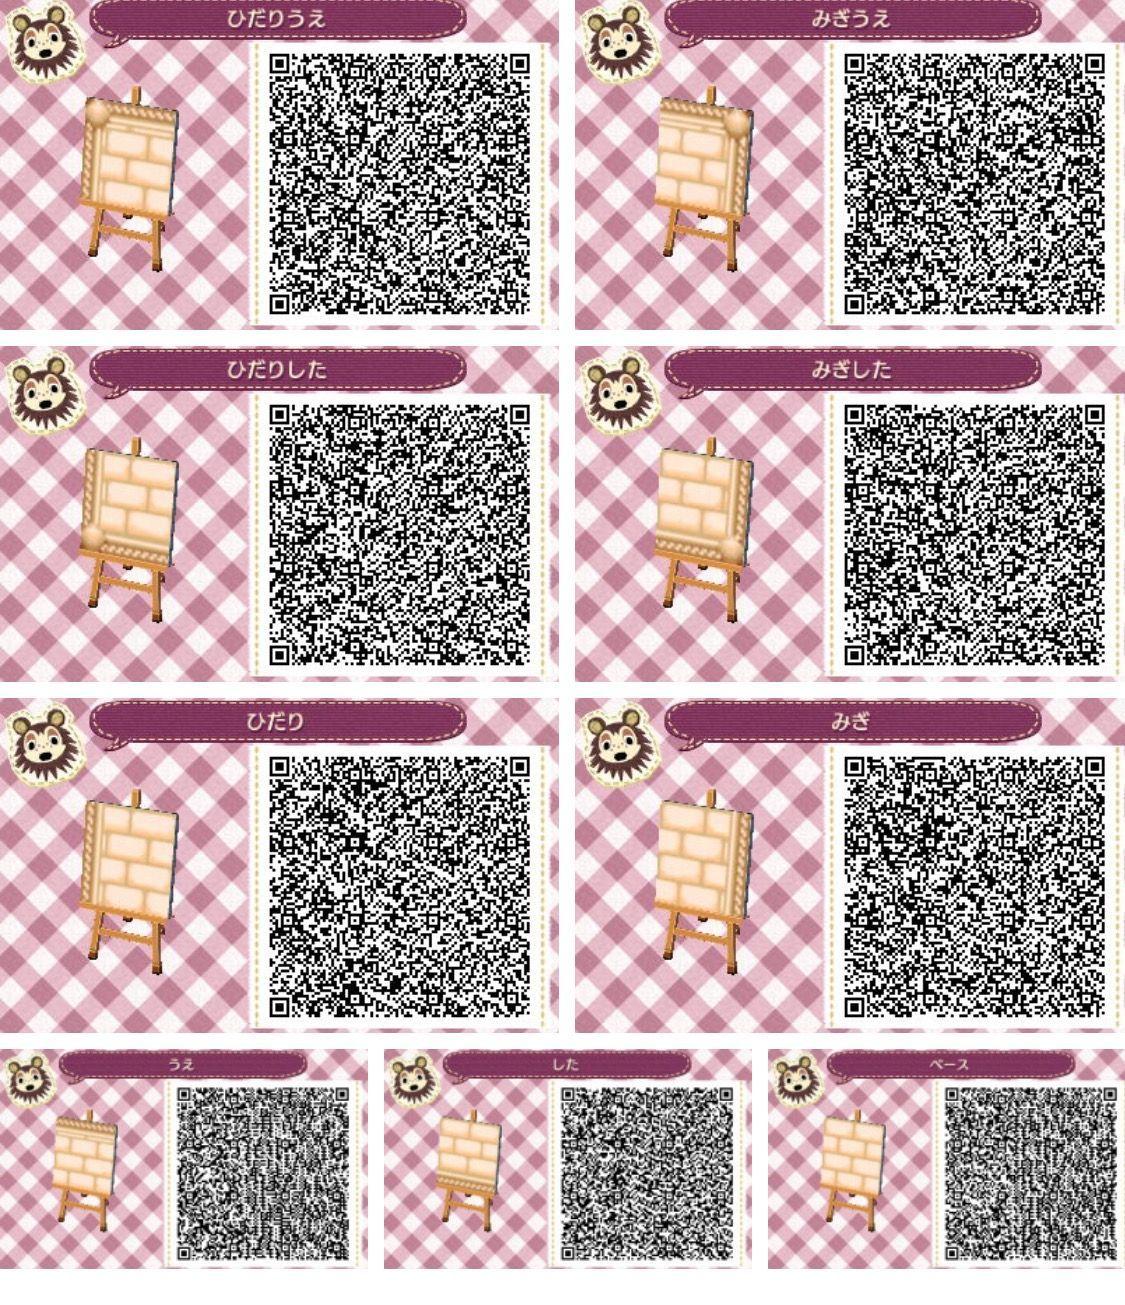 Códigos QR de suelos (1) — Fan Animal Crossing